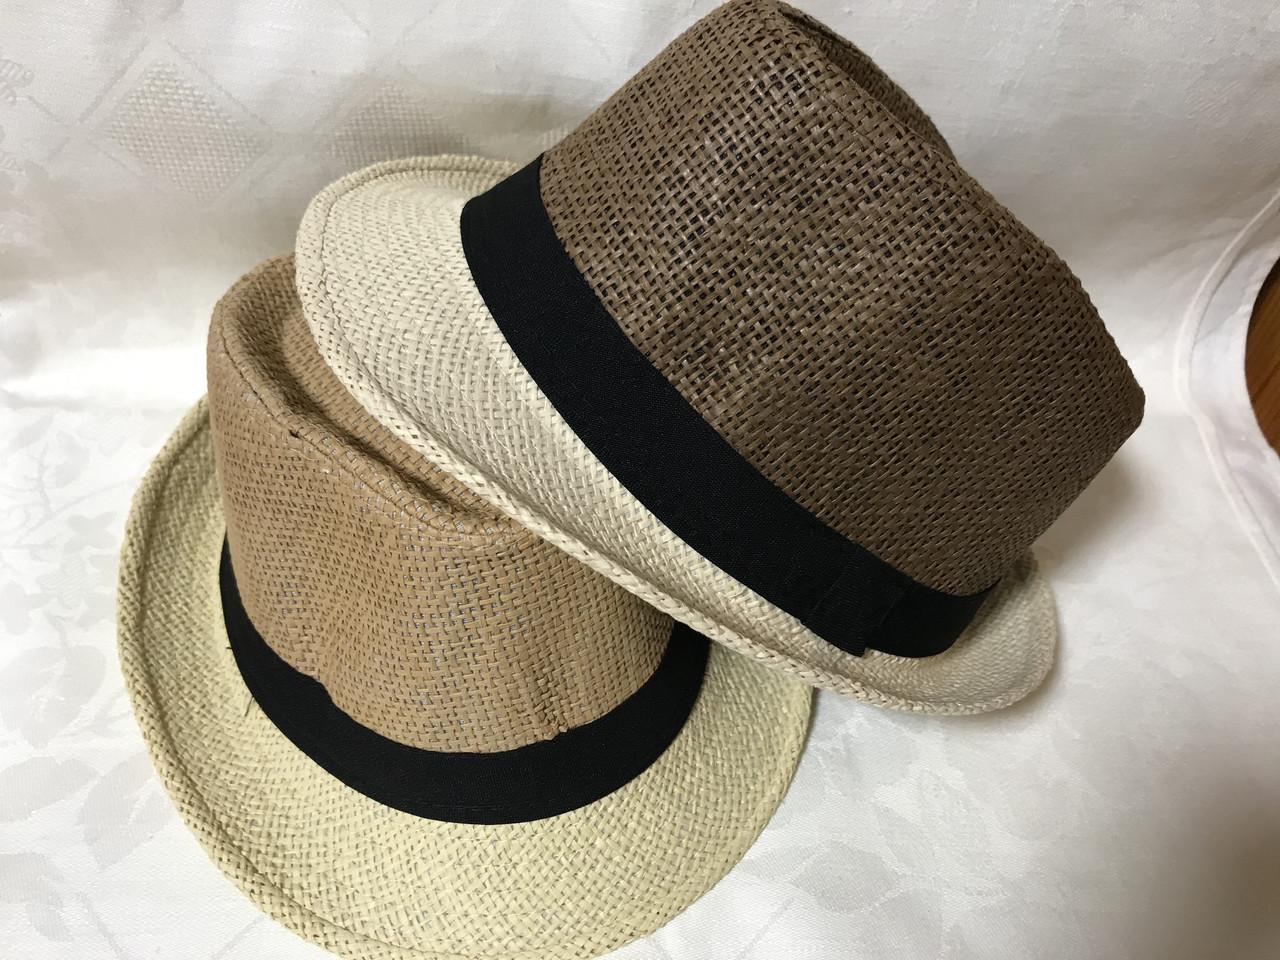 Шляпа формы федора из соломки в коричнево-бежевых тонах